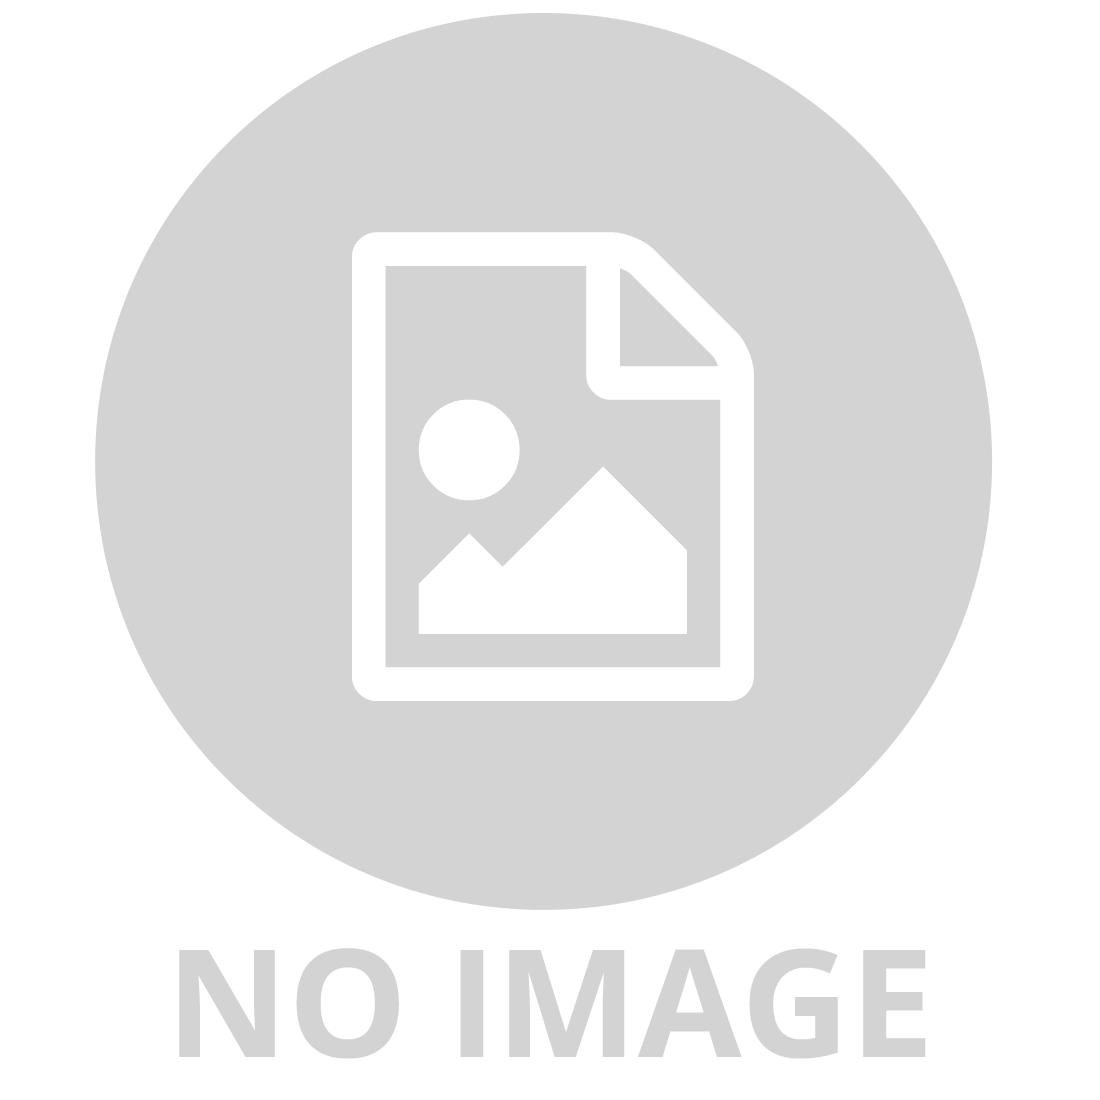 GREAT VIGOR EL667 ELECTRIC SPEED CONTROL